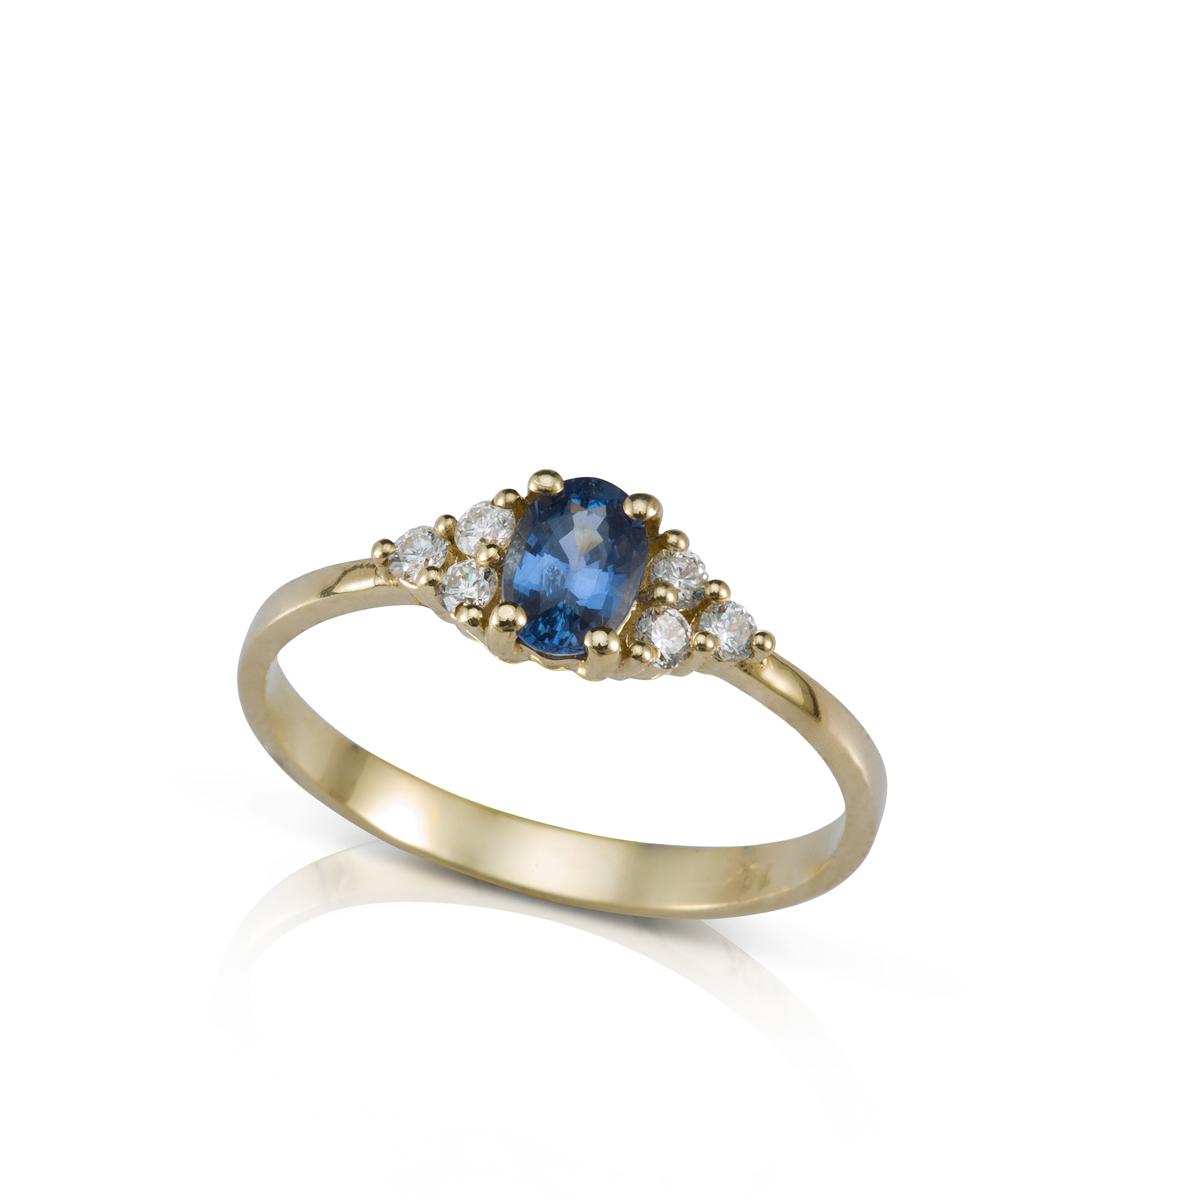 טבעת אירוסין משובצת ספיר בצורת אובל ו-6 יהלומים צדדים